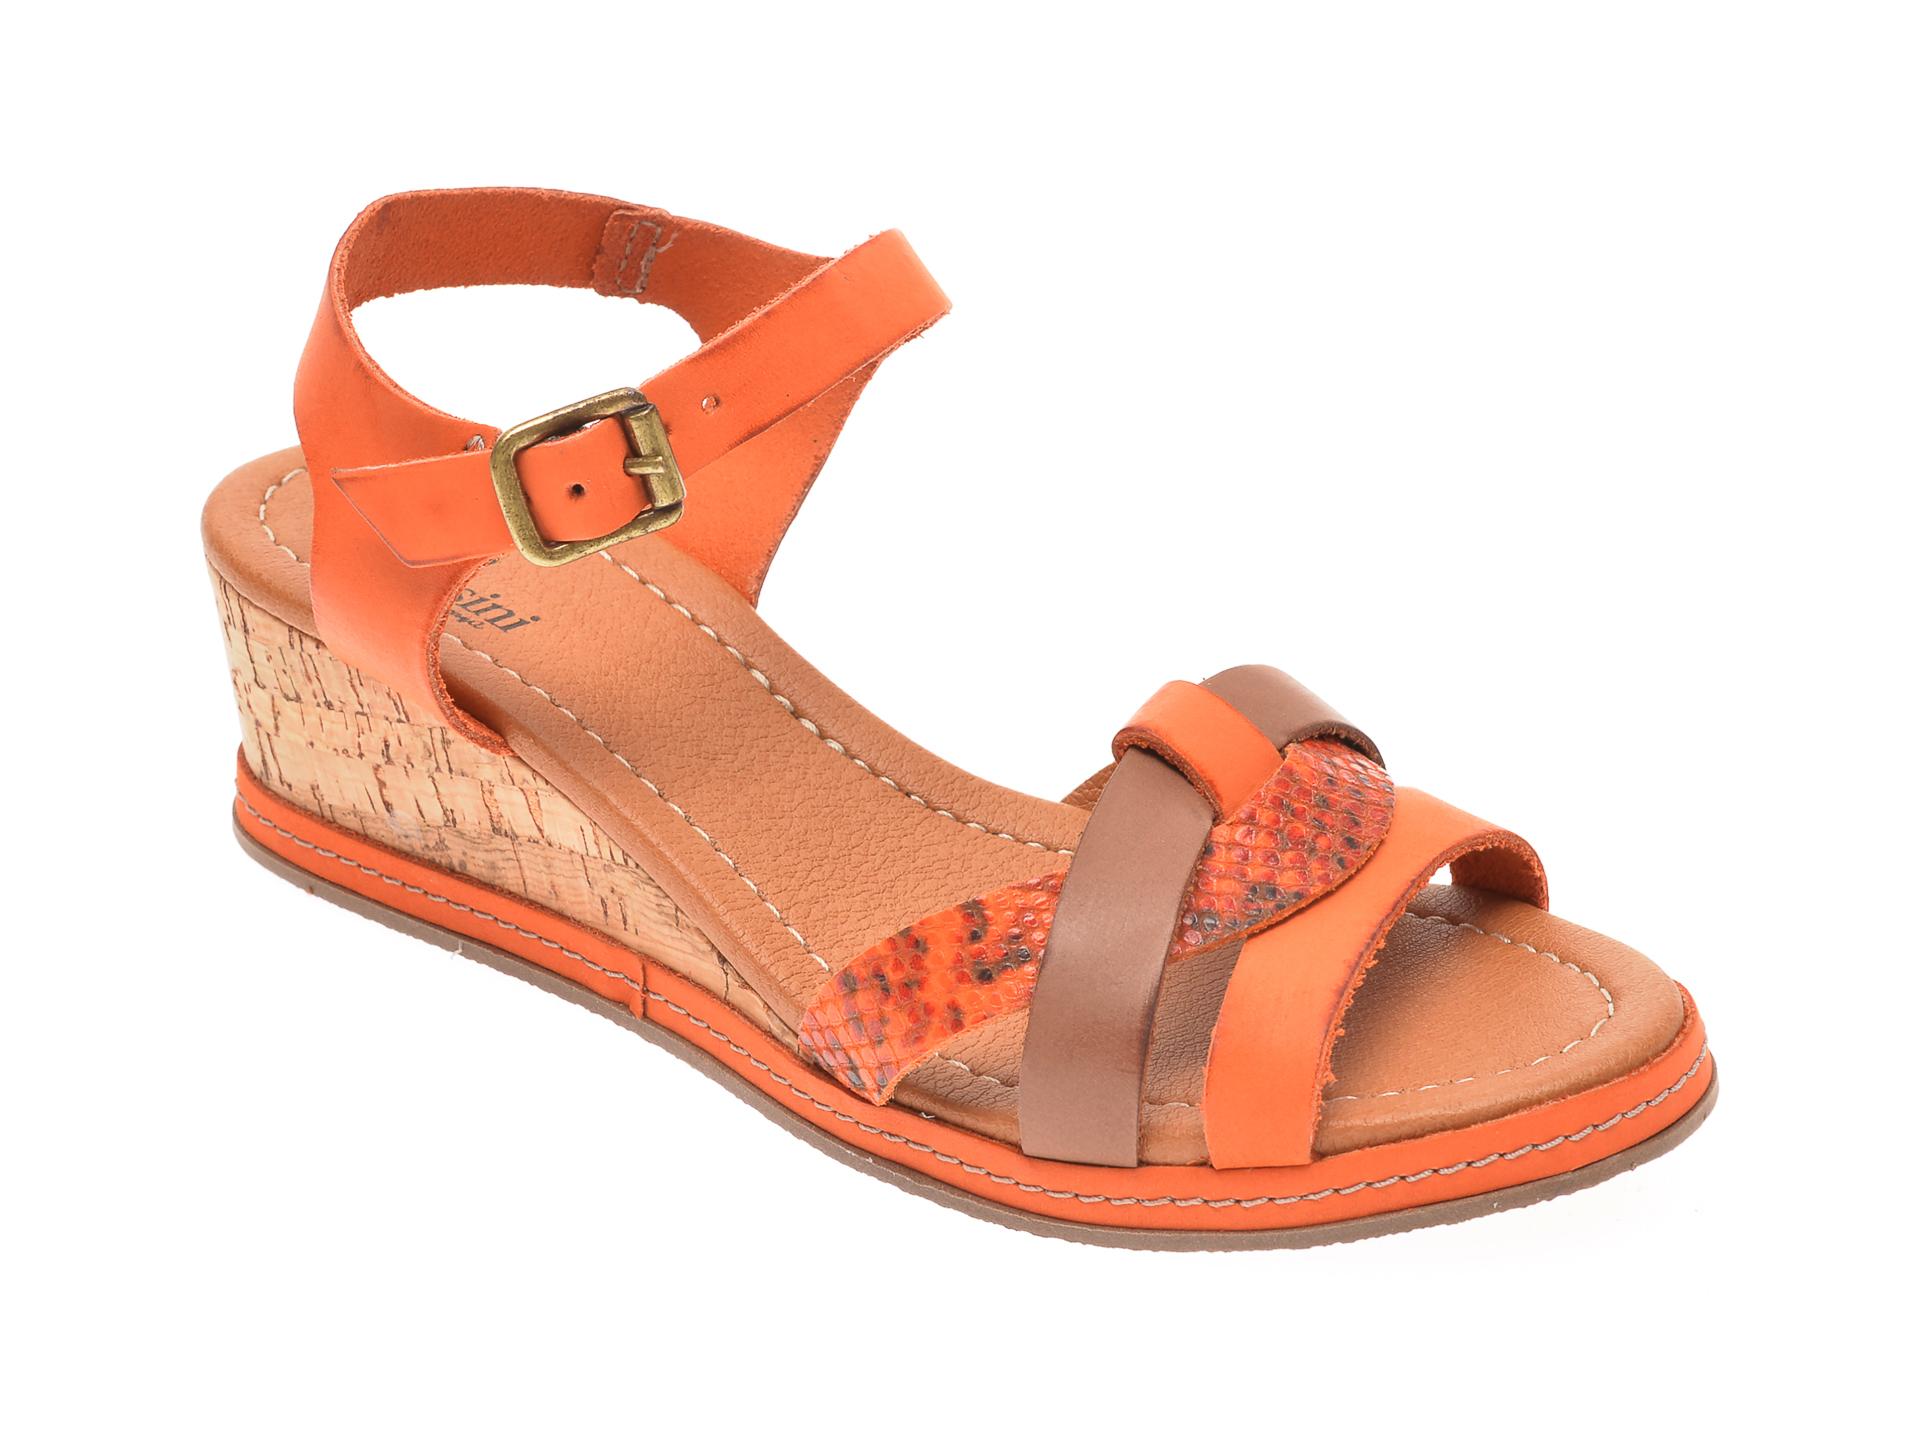 Sandale FLAVIA PASSINI portocalii, 22001, din piele naturala